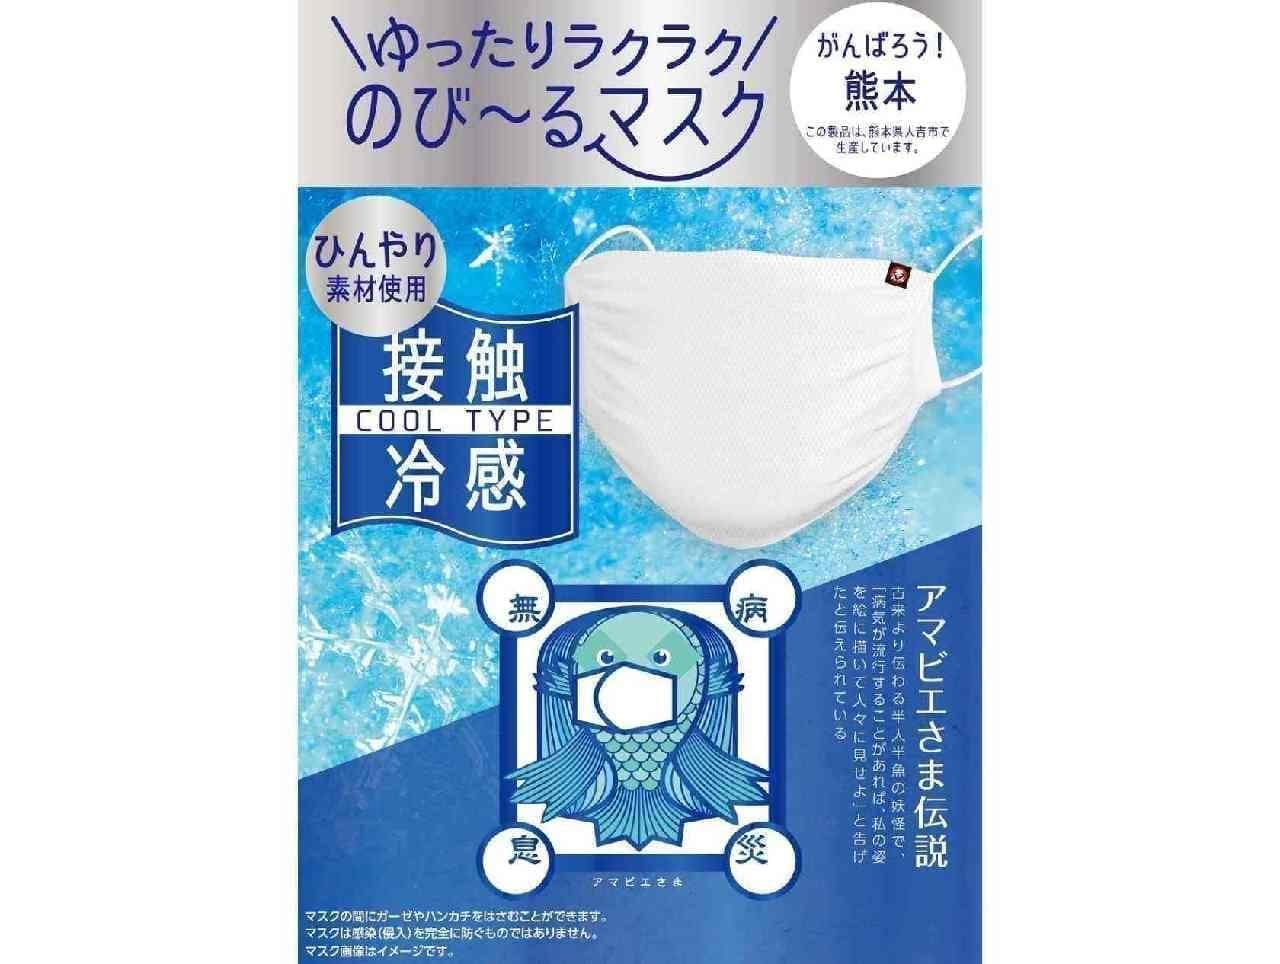 足袋の福助から「ゆったりラクラクのび~るマスク 接触冷感タイプ」発売